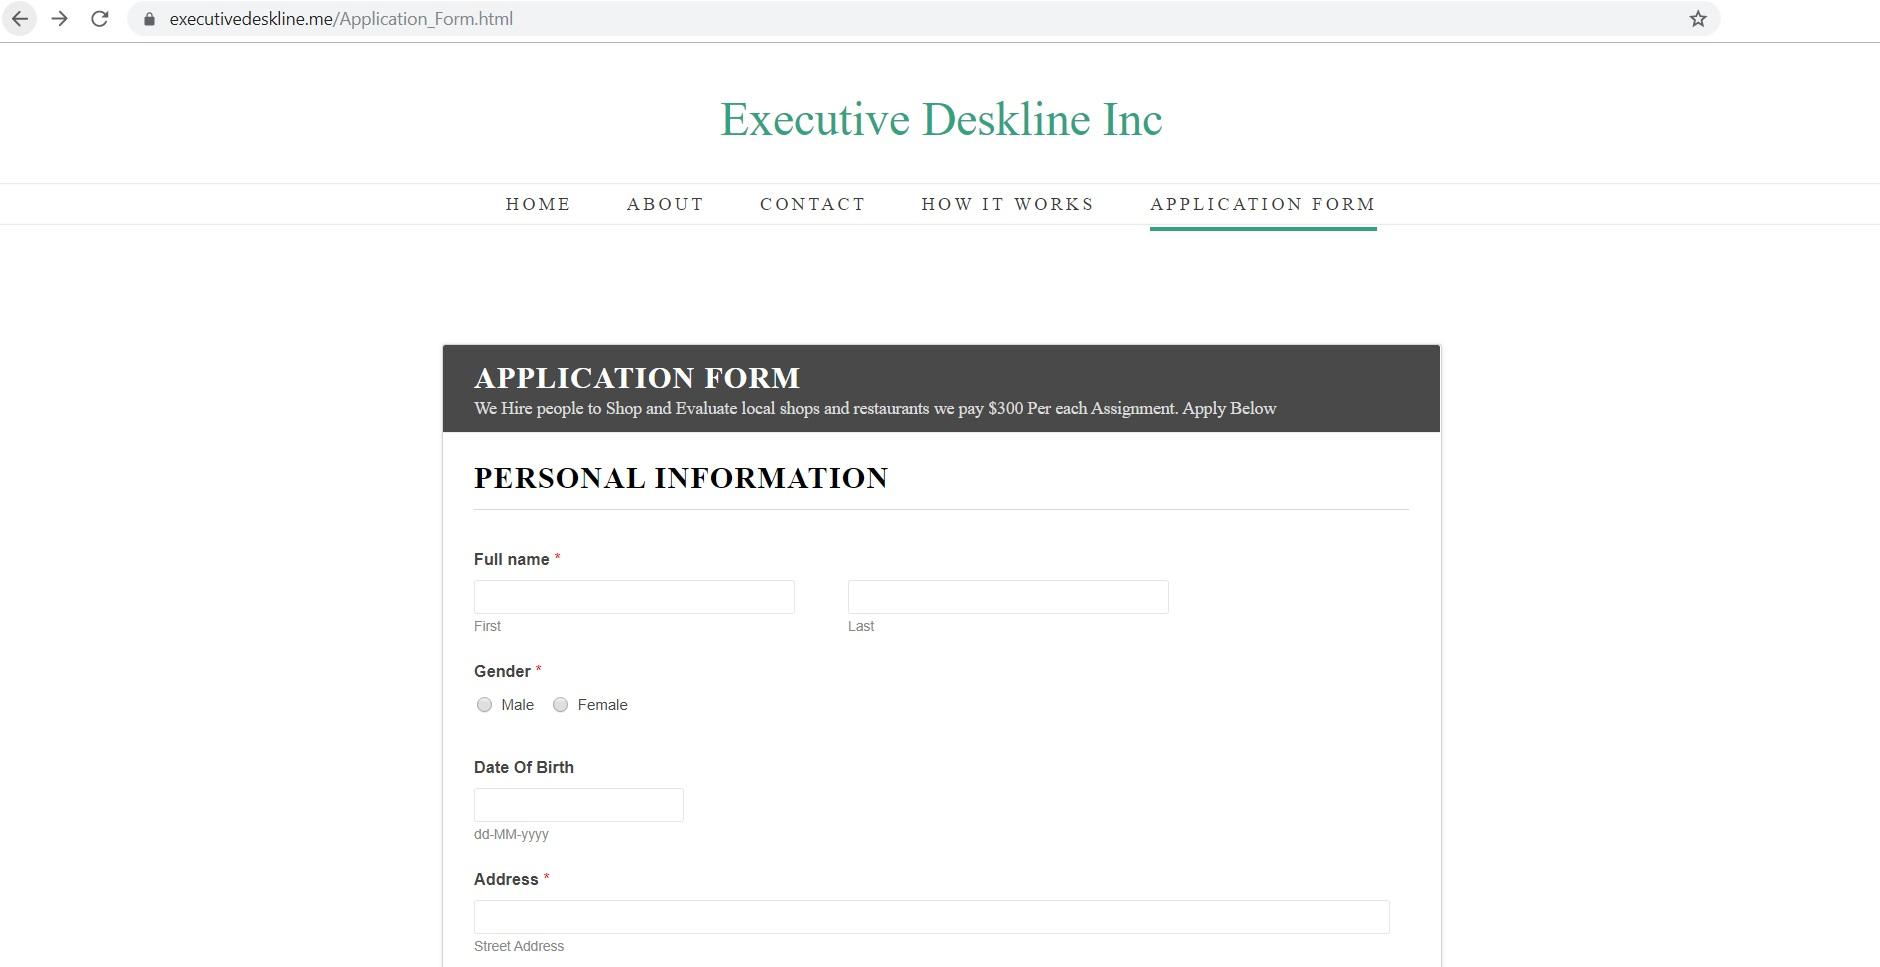 Executive Deskline Inc Mystery Shoppers Scam